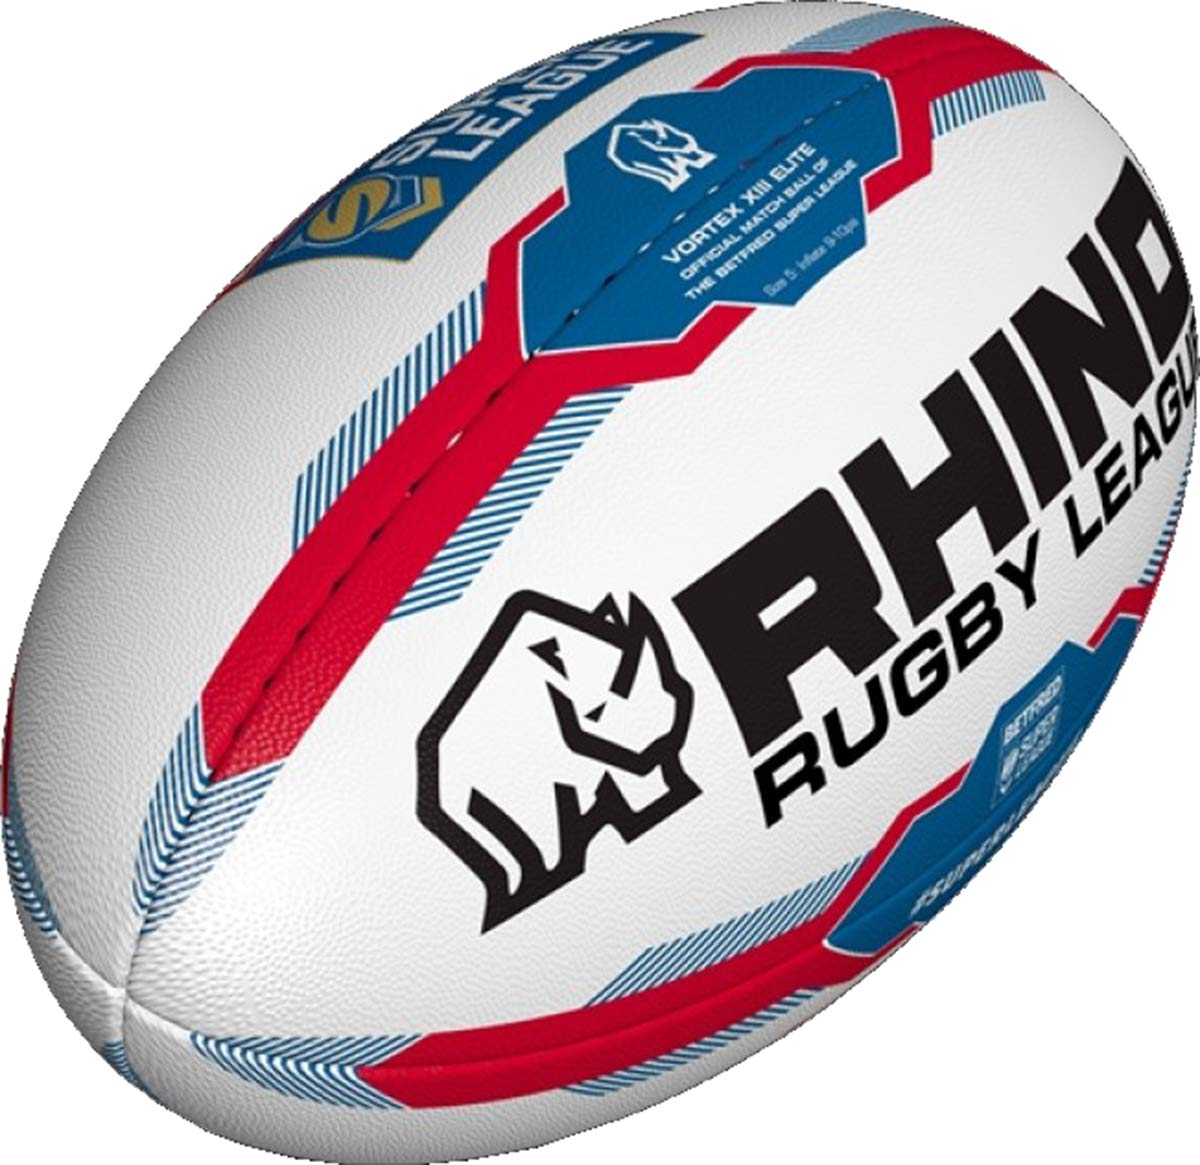 Rhino Super Ligue Sport Extérieur Match Entraînement & Balle D'entraînement Ballon De Rugby Taille 4-5